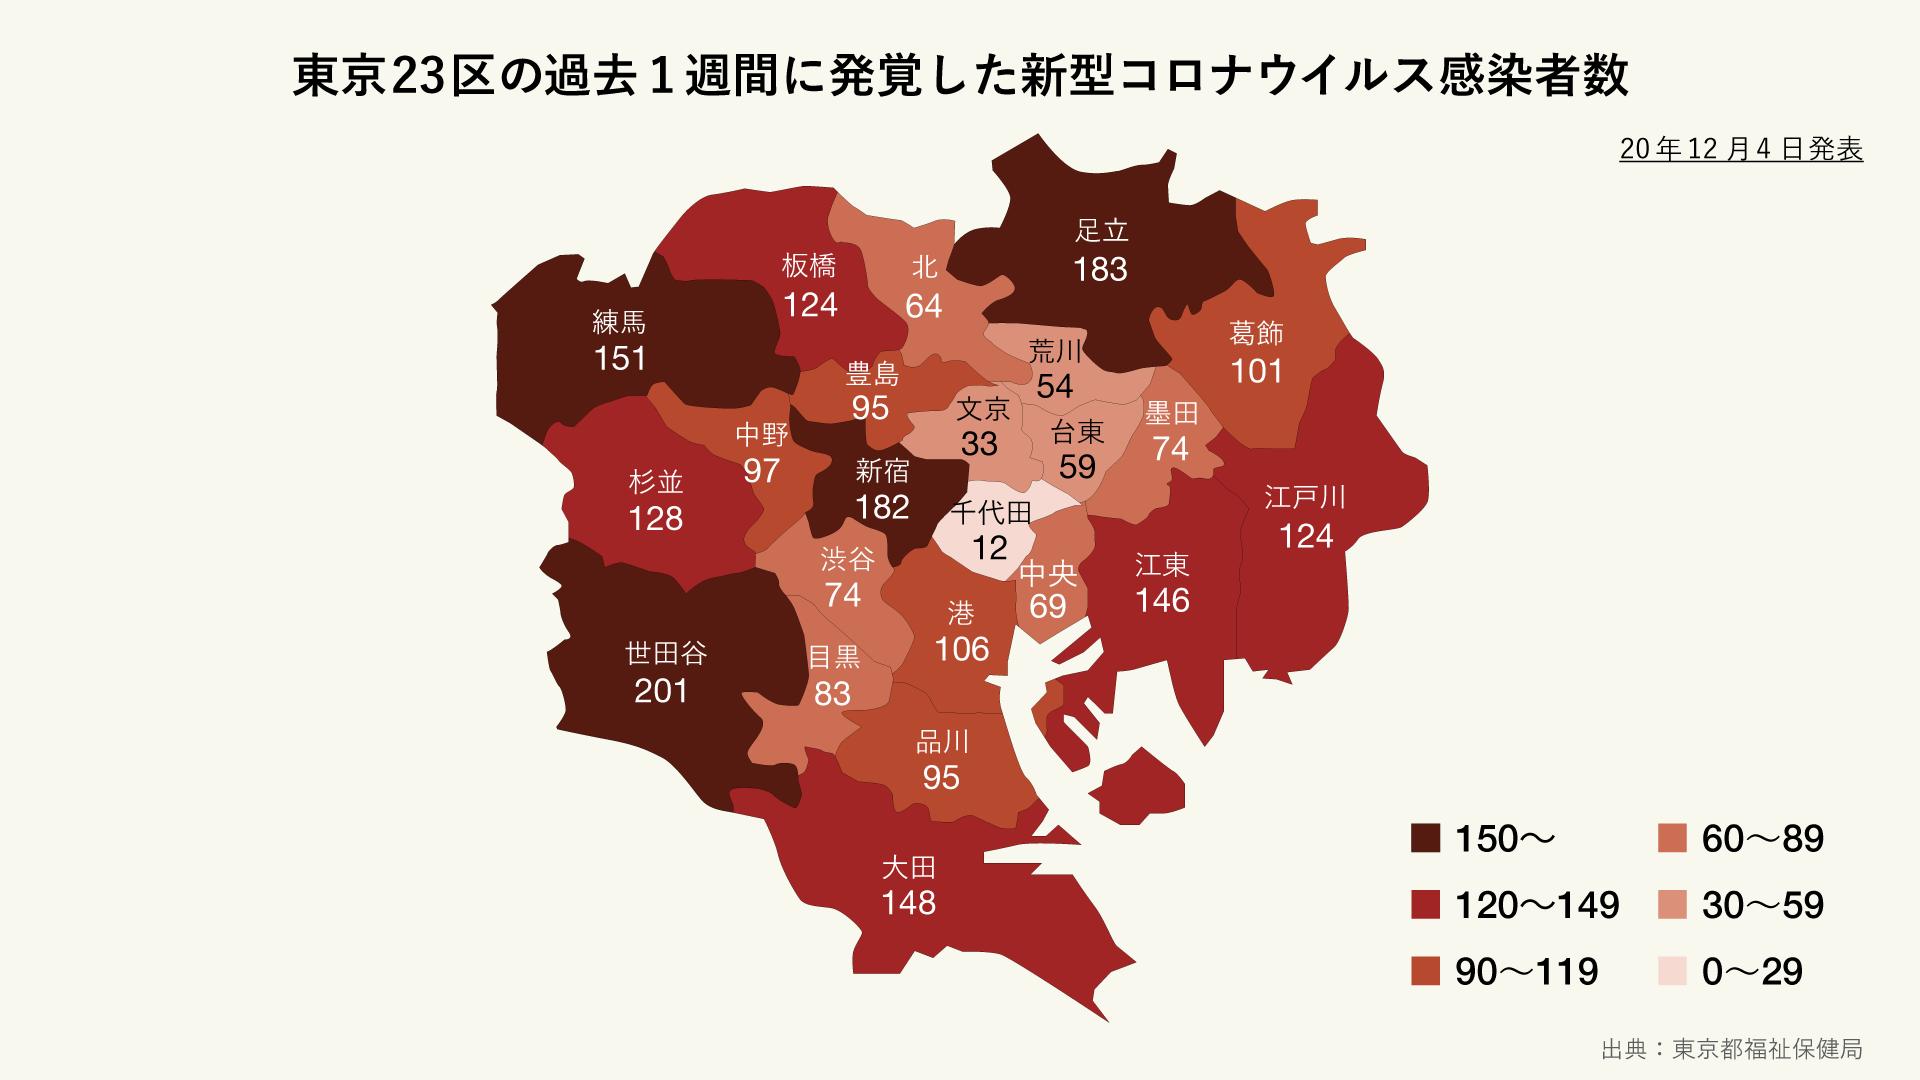 東京23区の過去1週間に発覚した新型コロナウイルス感染者の分布マップ